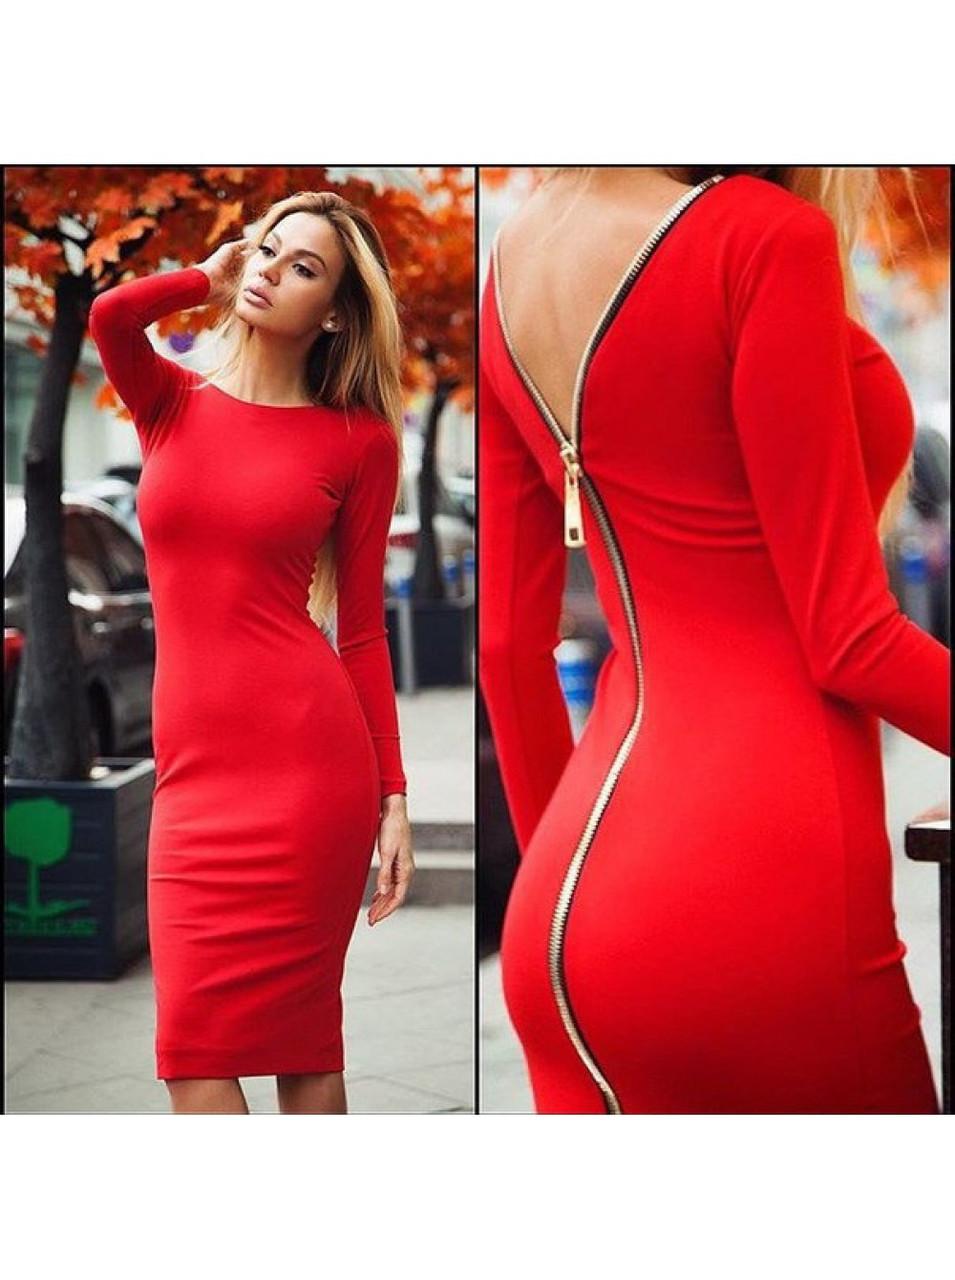 328ec179e5e Женское платья миди Молния на спине - Web-покупки УСПЕХ - Модная одежда  оптом и